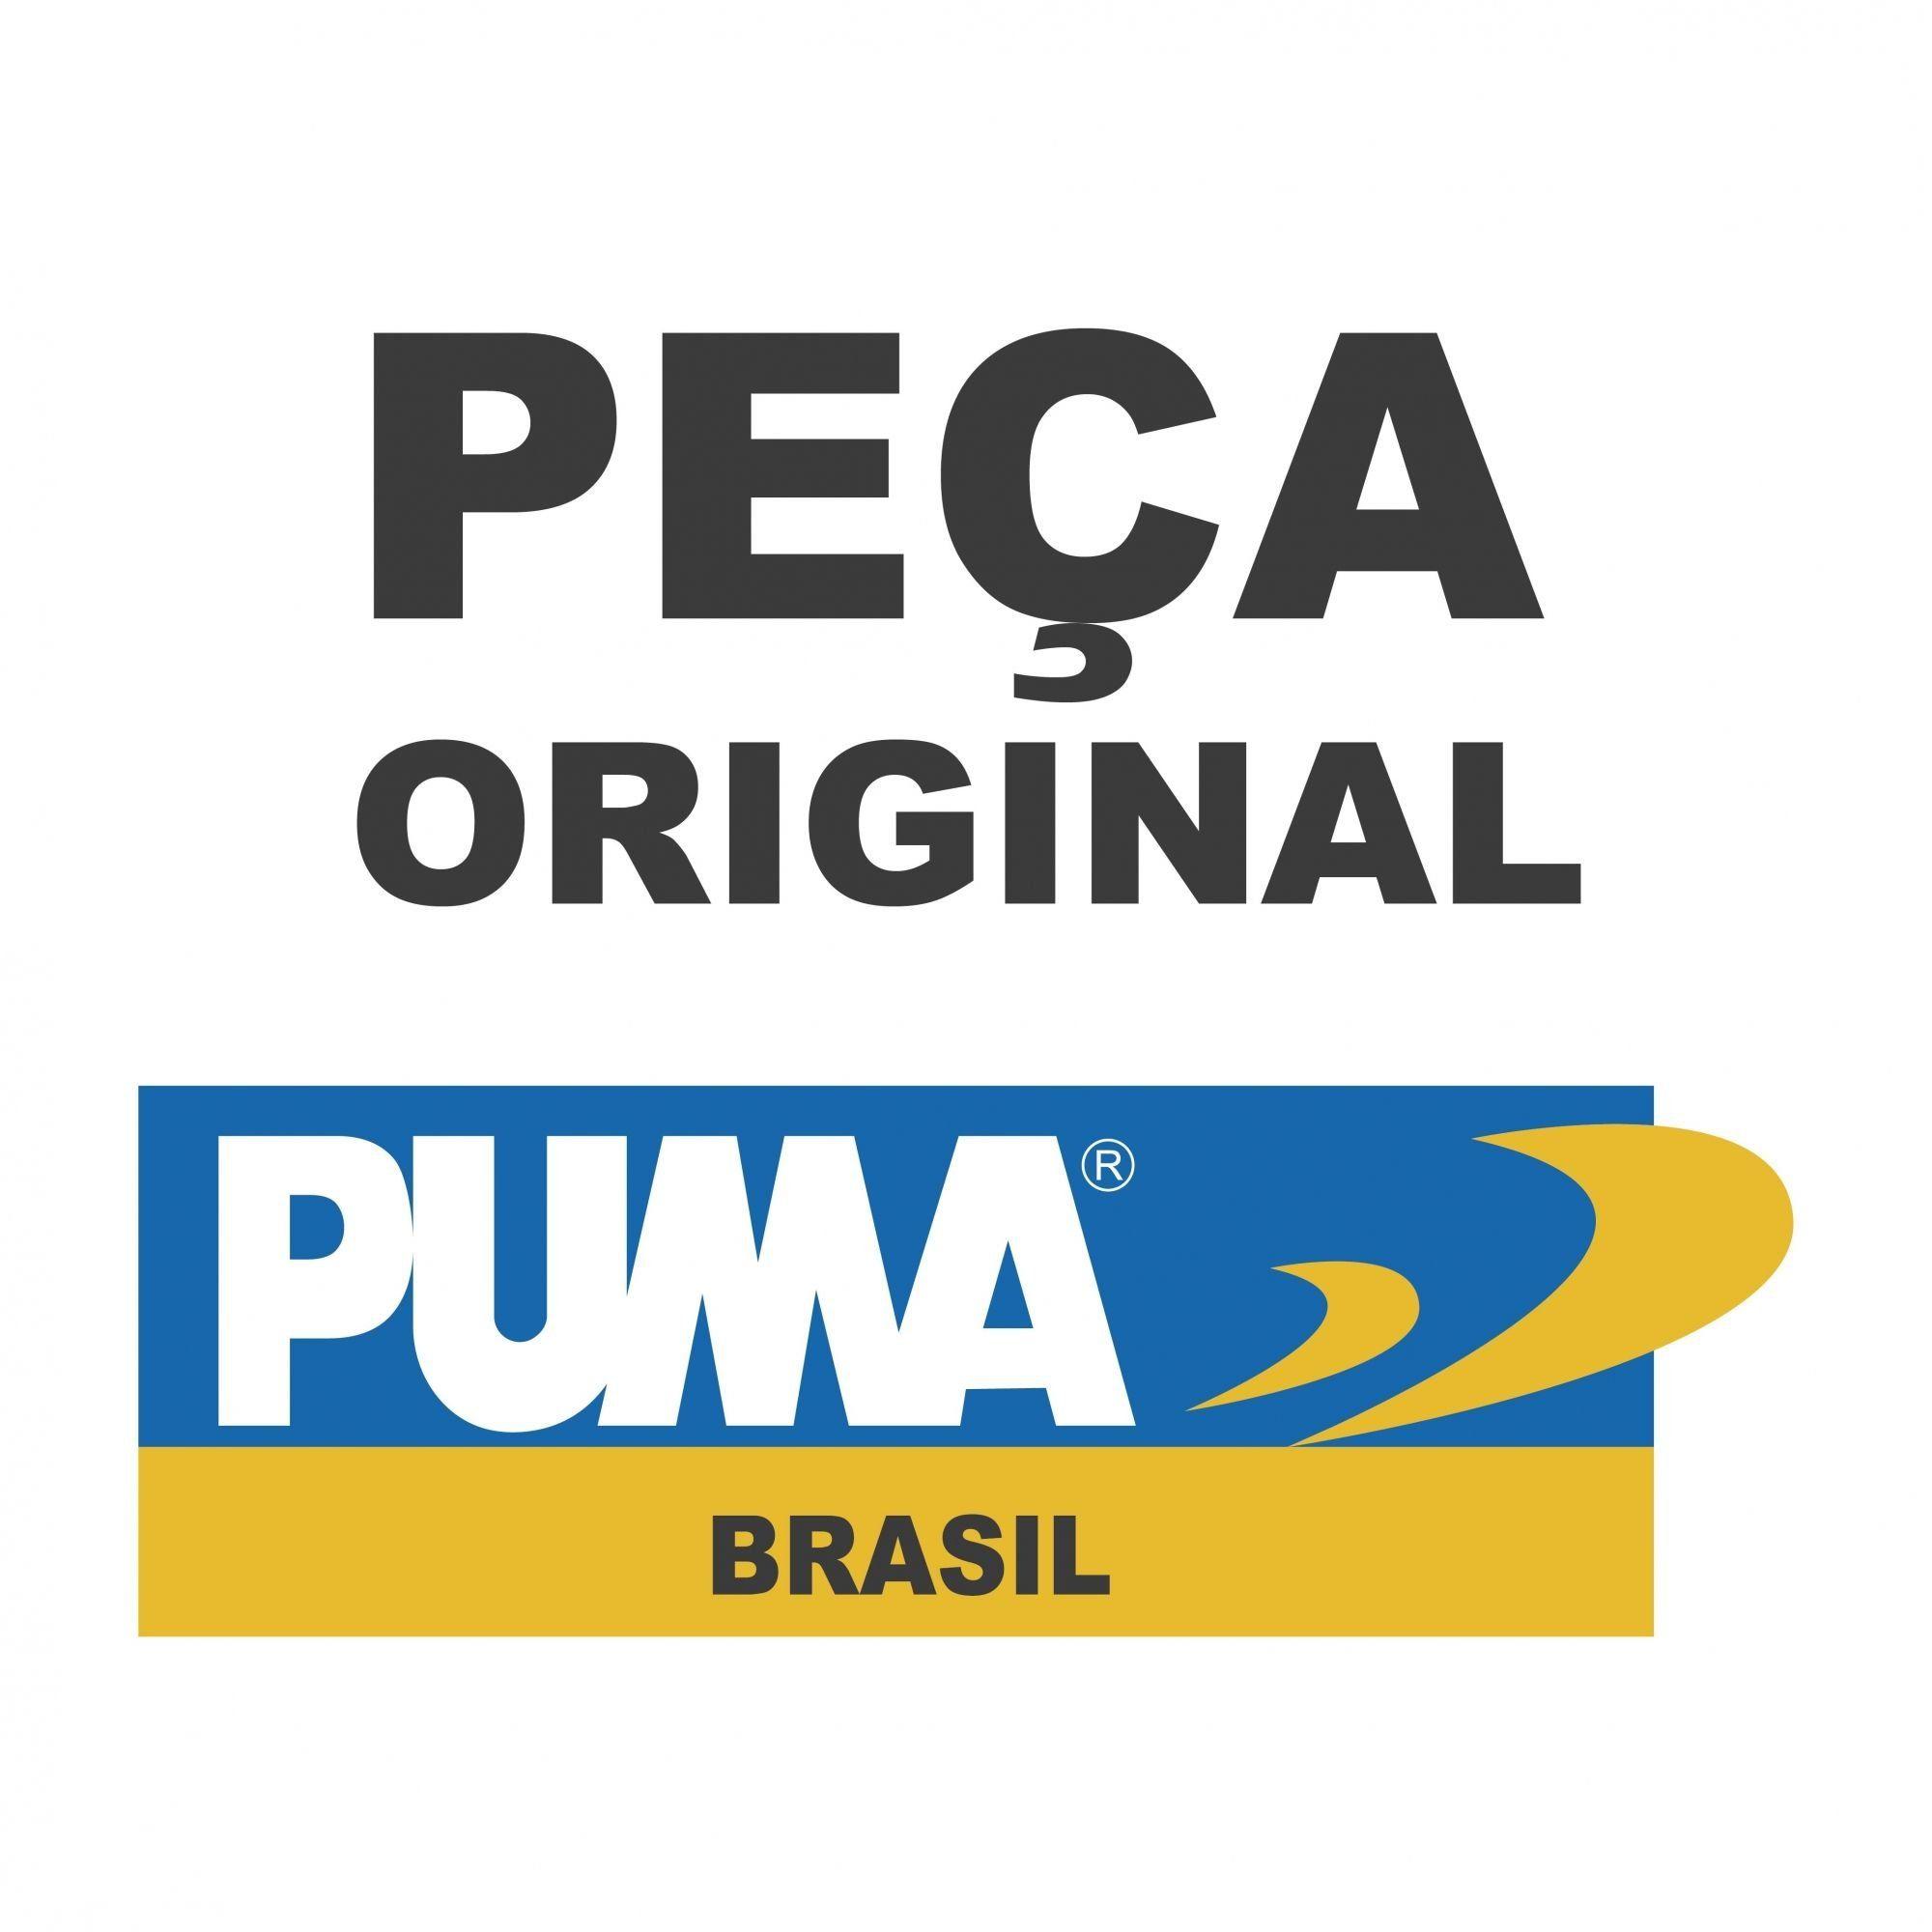 ABRACADEIRA - PEÇA PNEUMÁTICA PUMA - T5186P-03